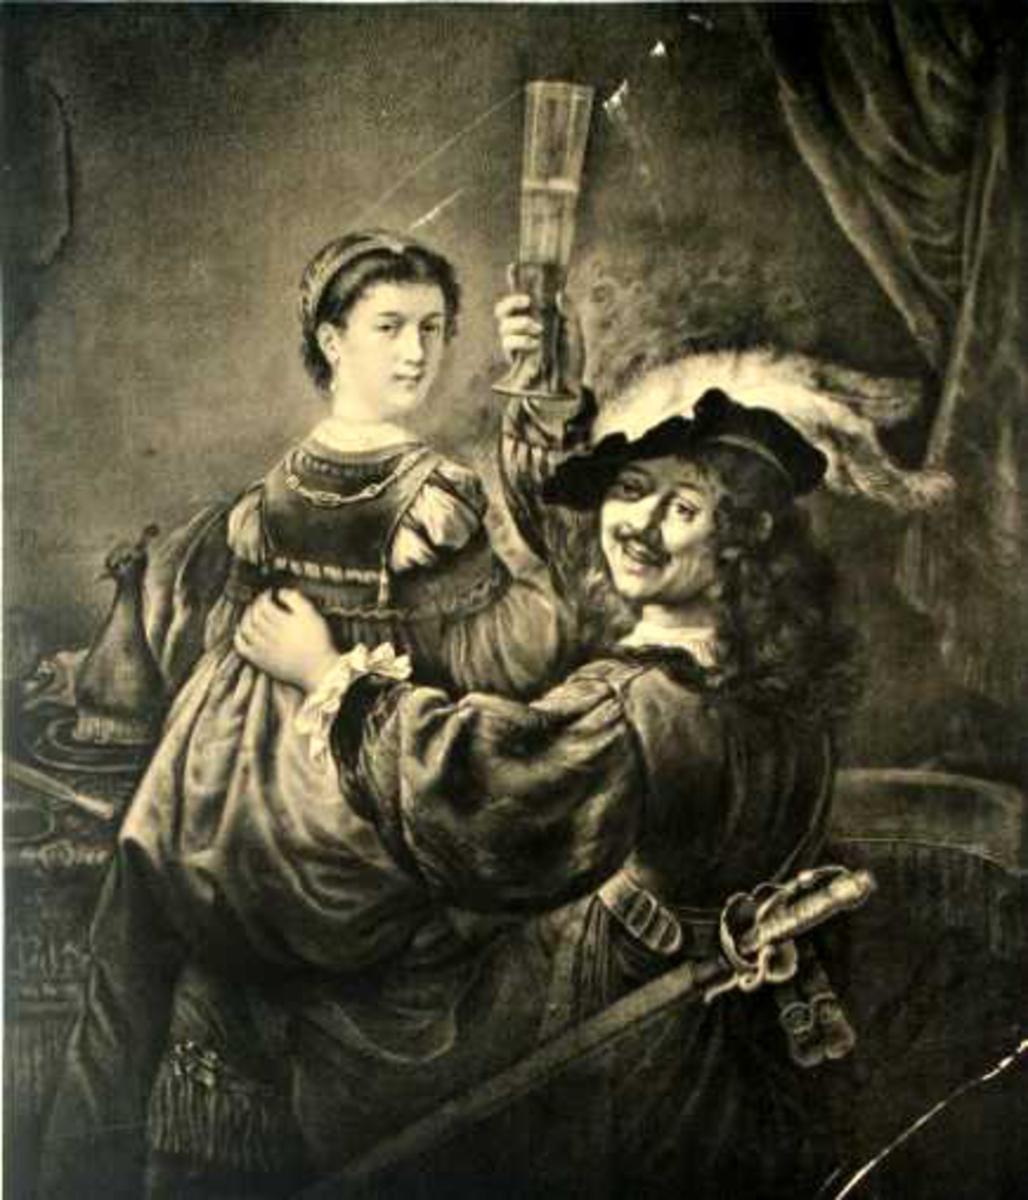 Mann med kvinne på fanget. Han bærer et sverd i beltet og hever glasset til skål.